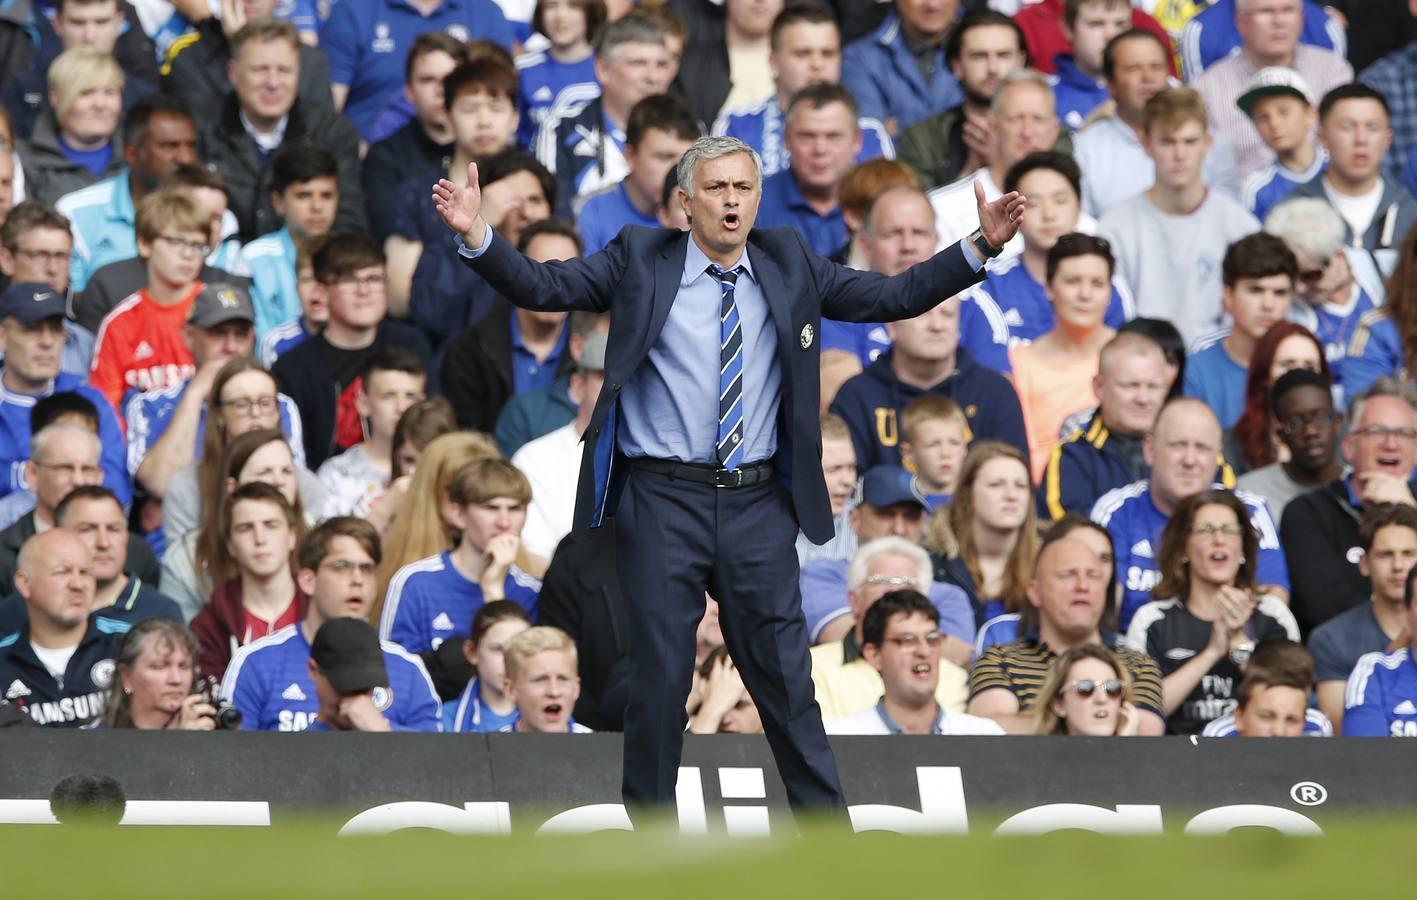 Las mejores imágenes del Chelsea campeón de la Premier League